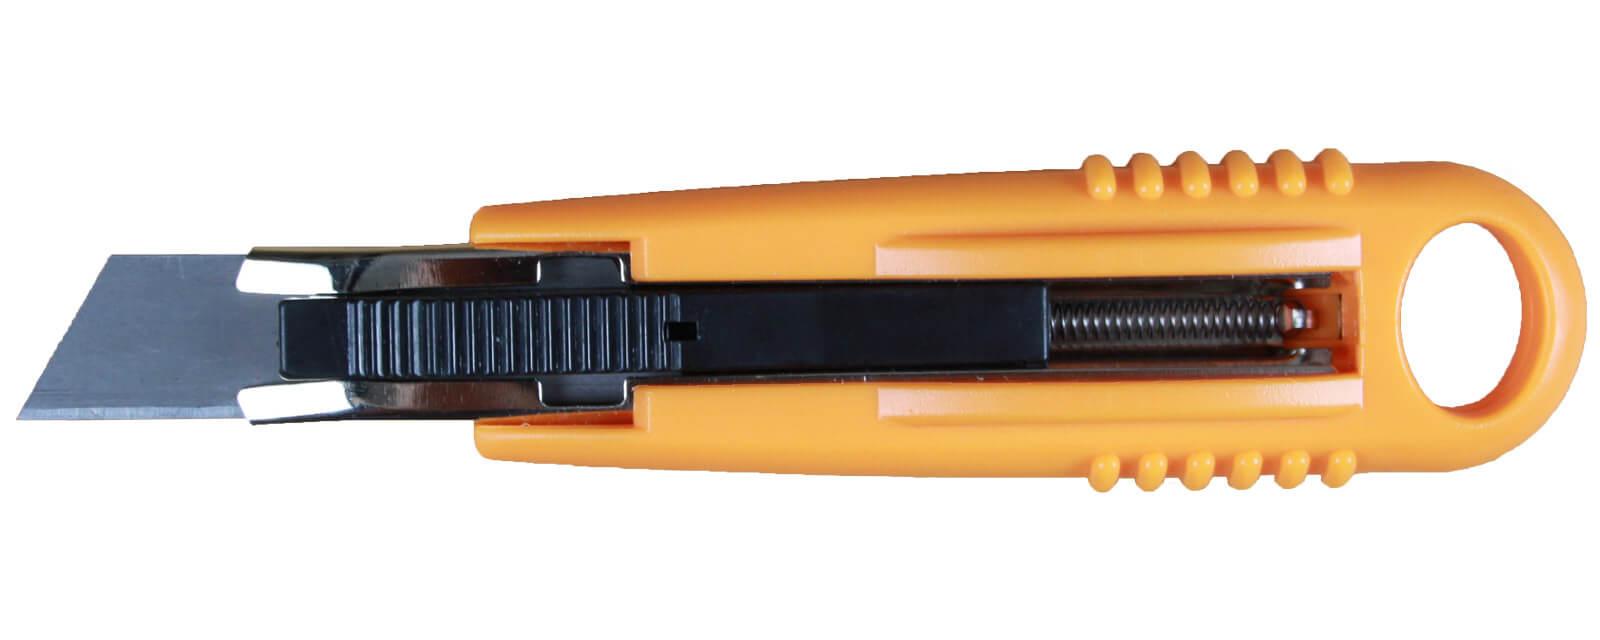 U013-Sicherheitsmesser-Basic-automatischer-Klingenrückzug-CURT-tools